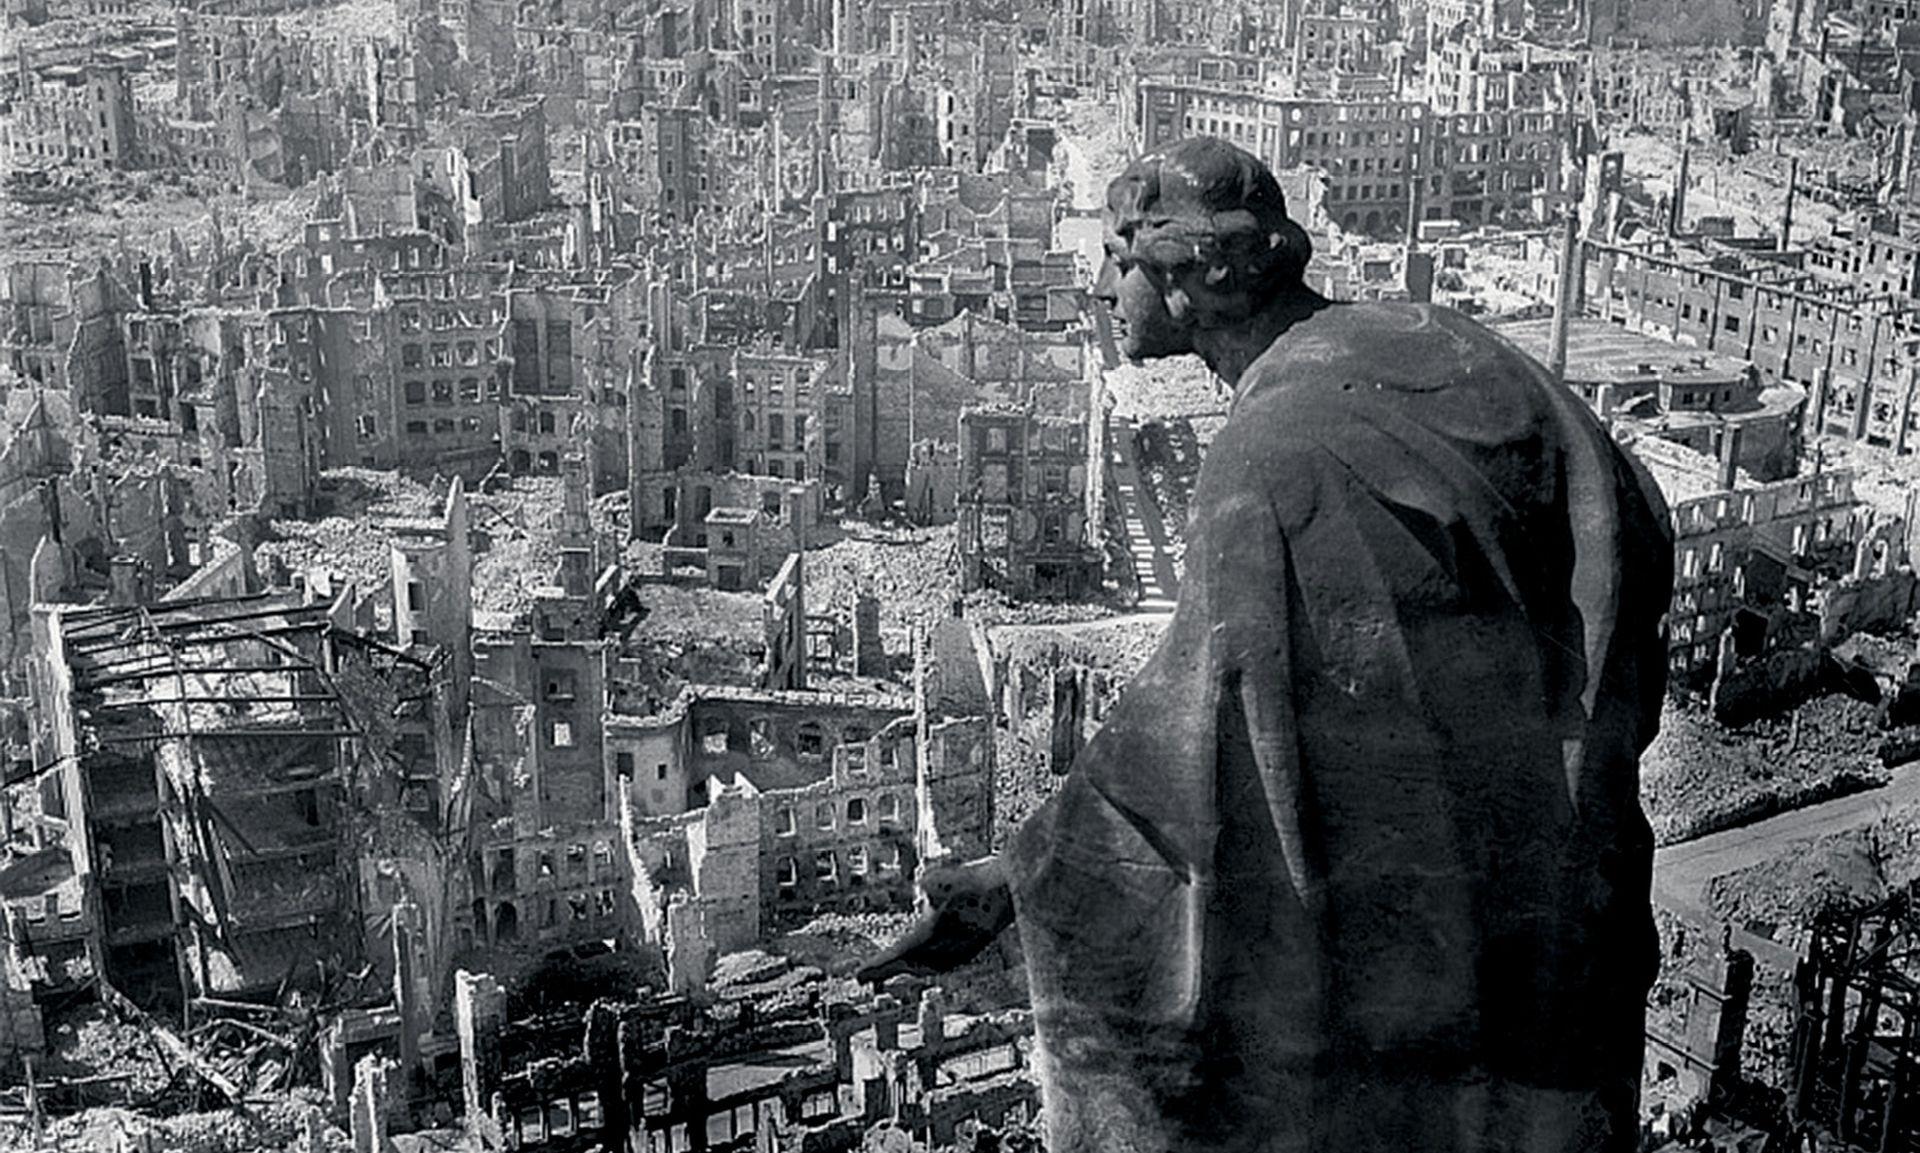 FELJTON: Dnevnik užasa Židova koji je čudom preživio Hitlerov teror